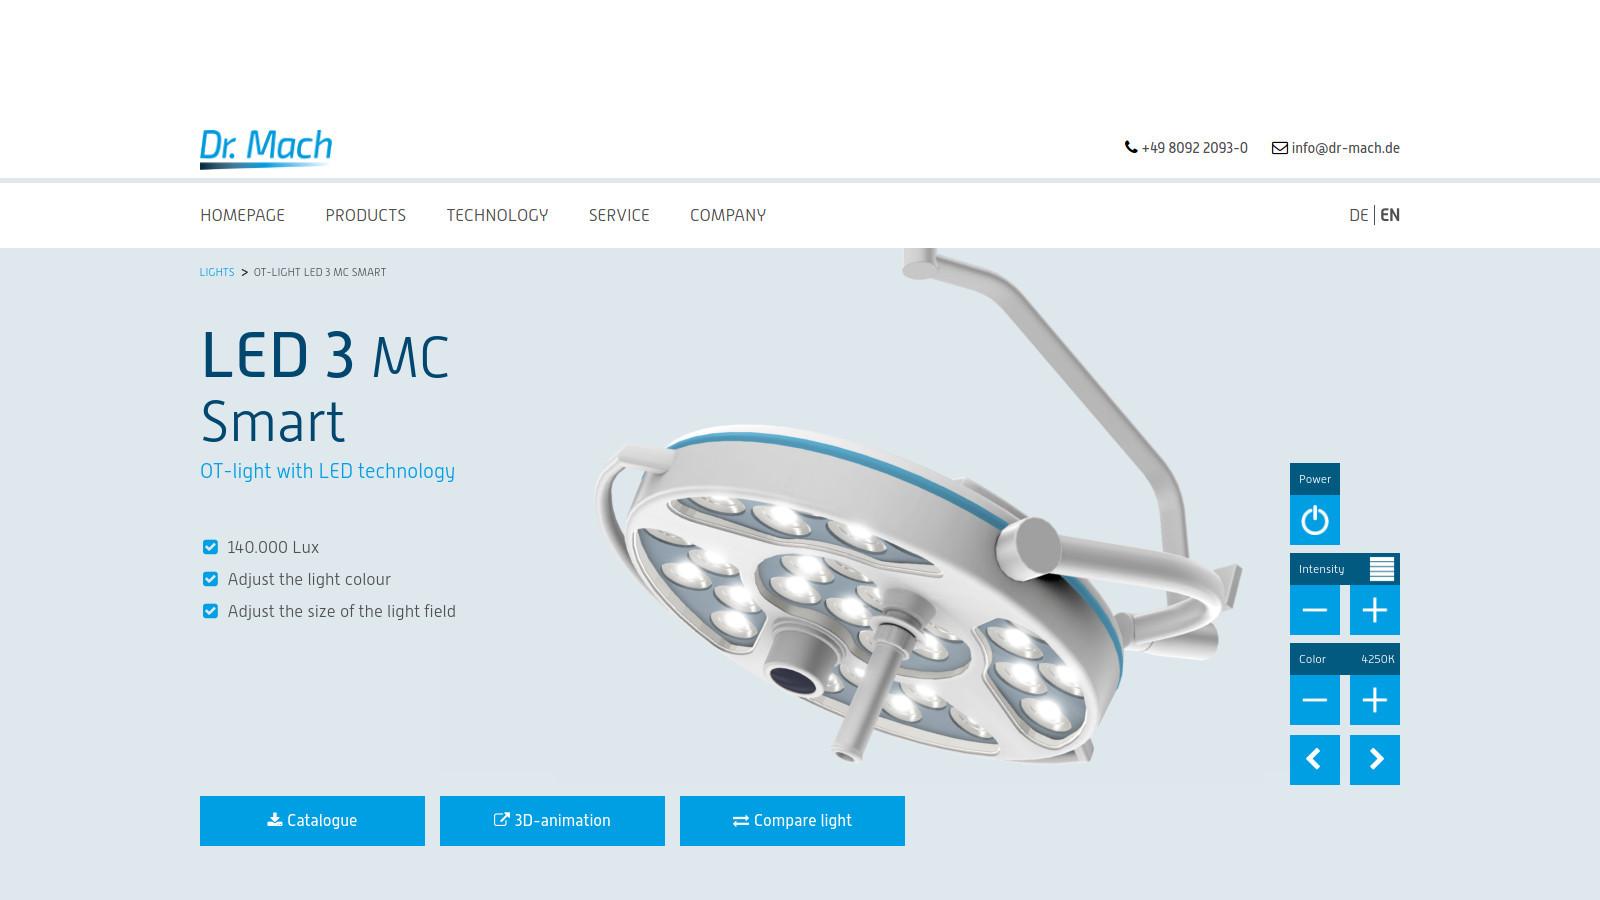 Интервью со студией VisCircle: время 3D-интернета пришло? - 3